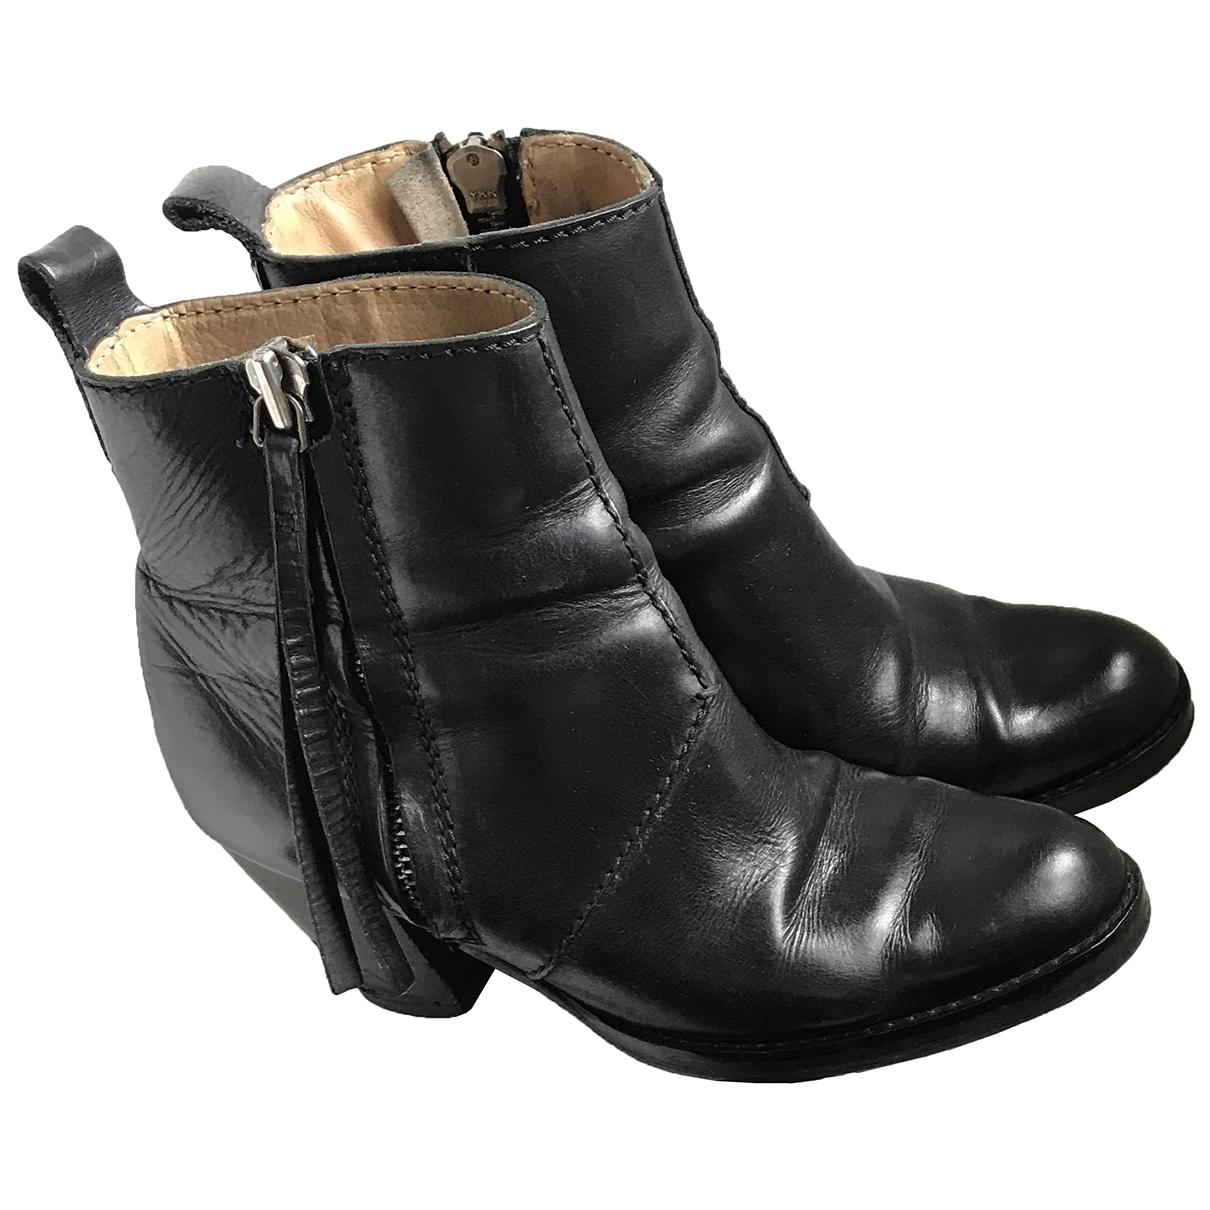 Acne Studios - Boots Pistol pour femme en cuir - noir